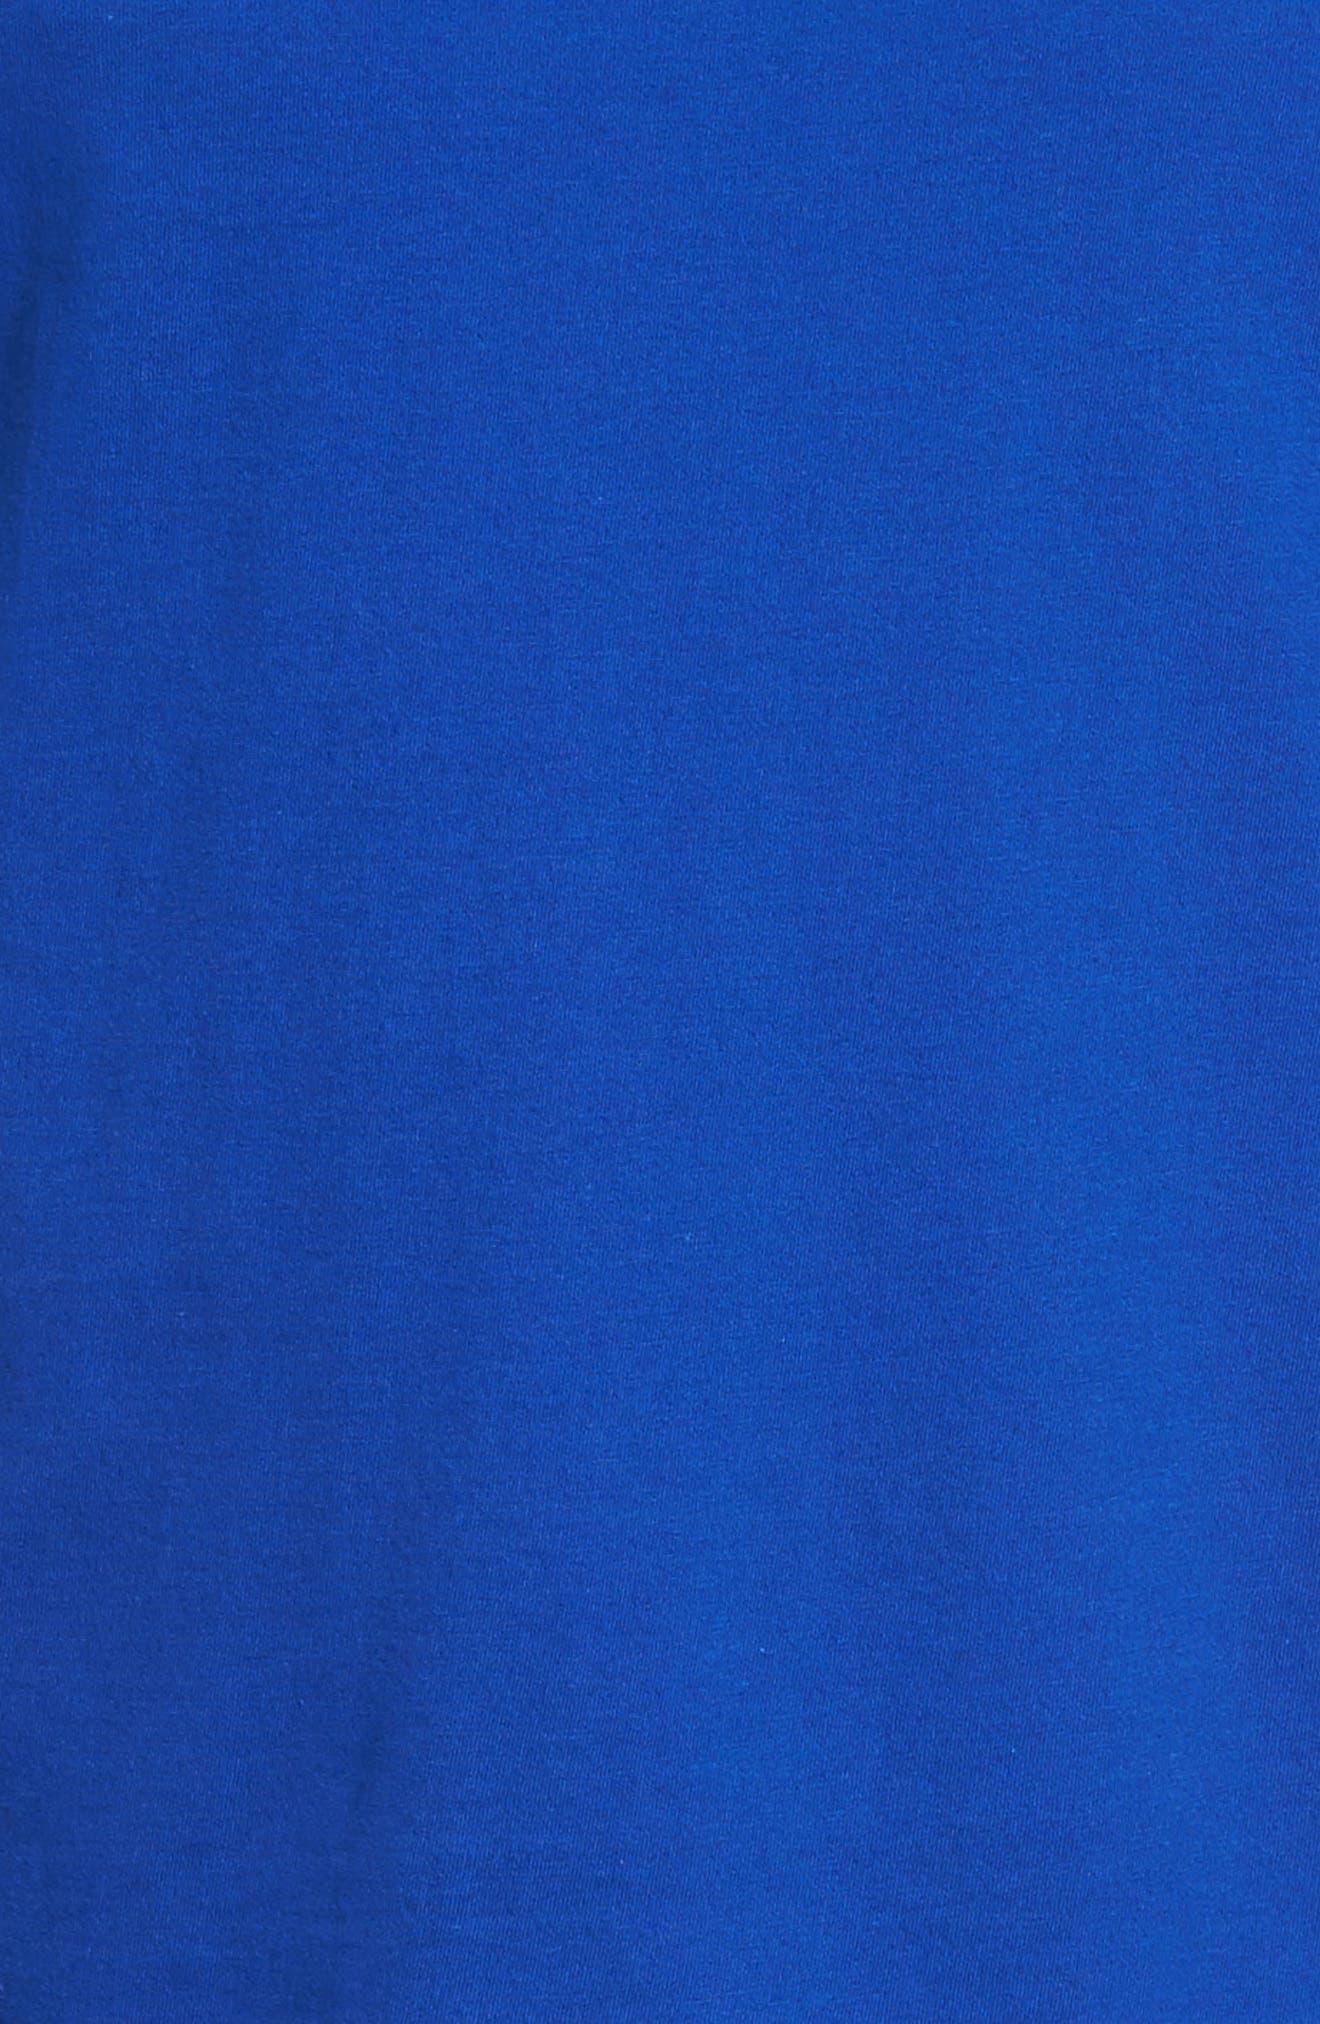 3-Pack Crewneck Cotton T-Shirts,                             Alternate thumbnail 2, color,                             001